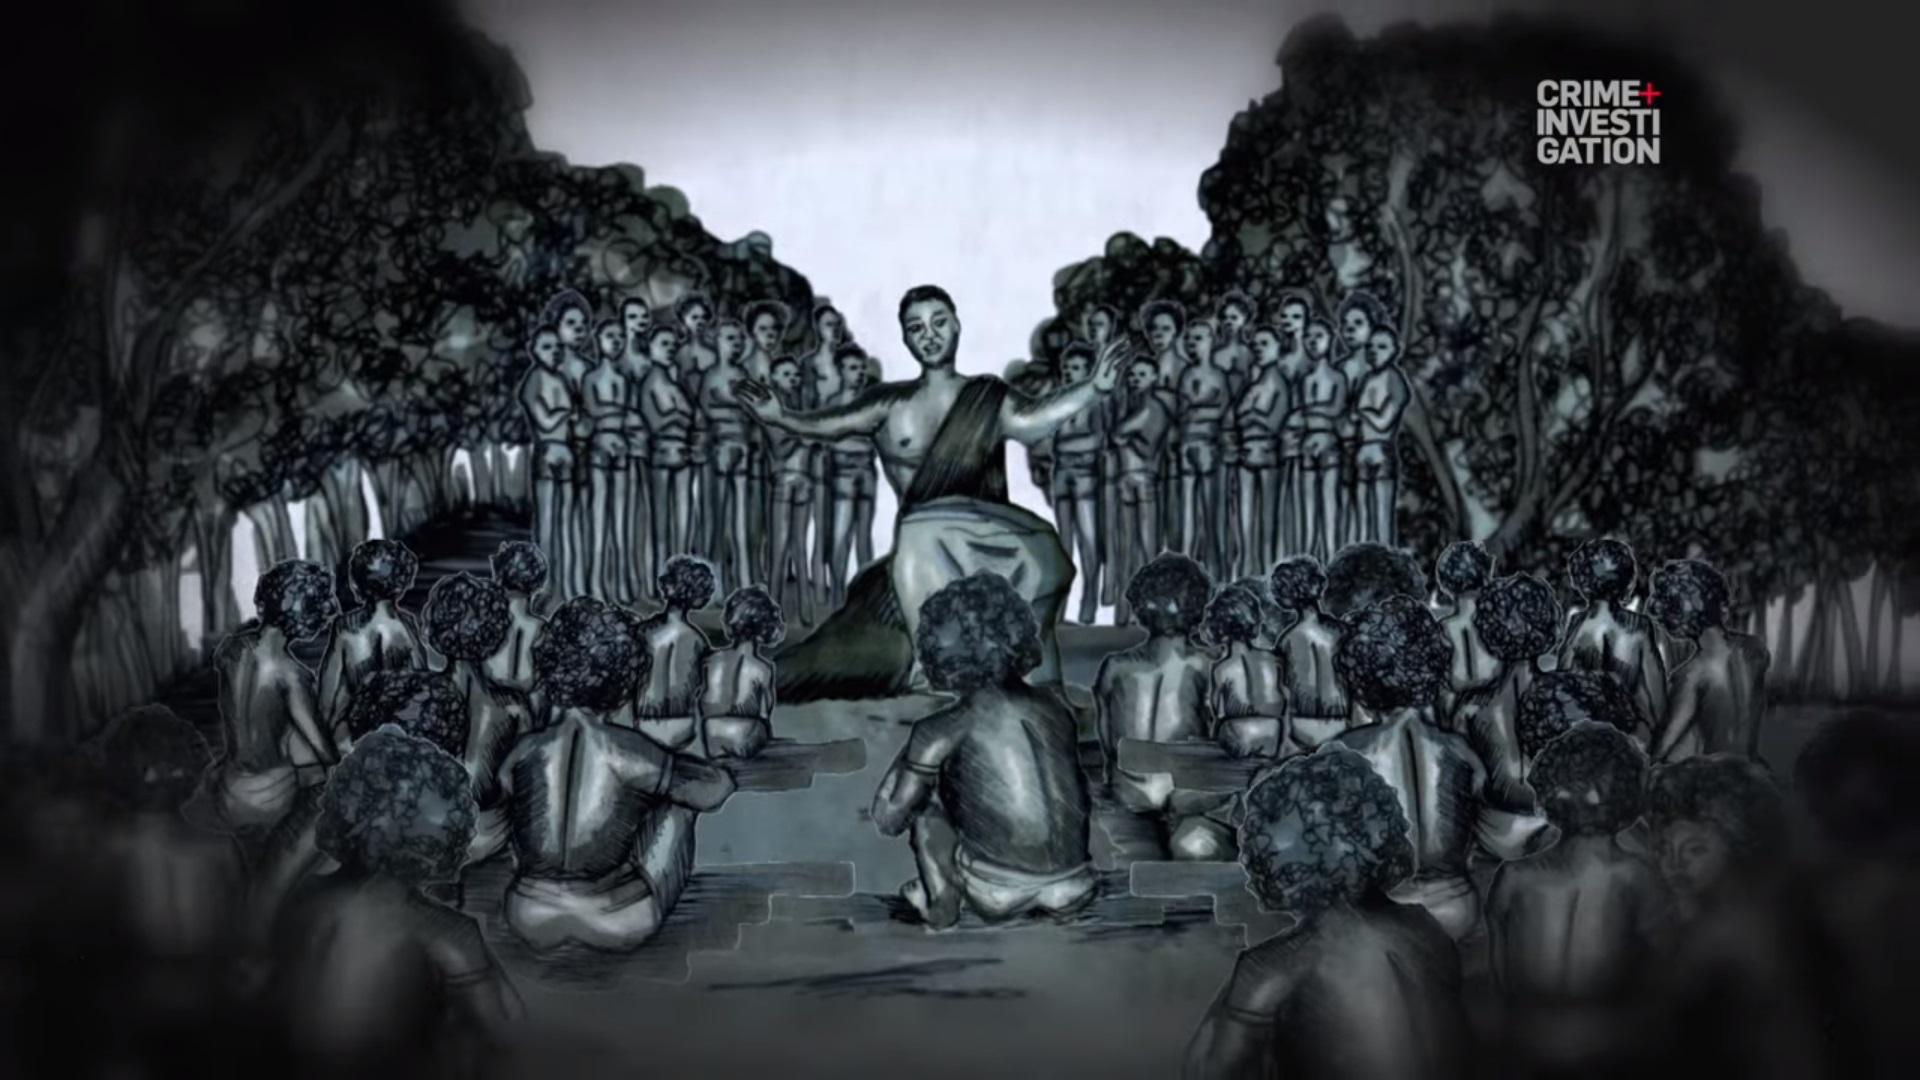 Невероятная история Черного Иисуса: пророк, каннибал и просто лидер культа интересные люди,интересные факты,история,паранормальное,путешествия,увлечения,факты,экстремальный туризм